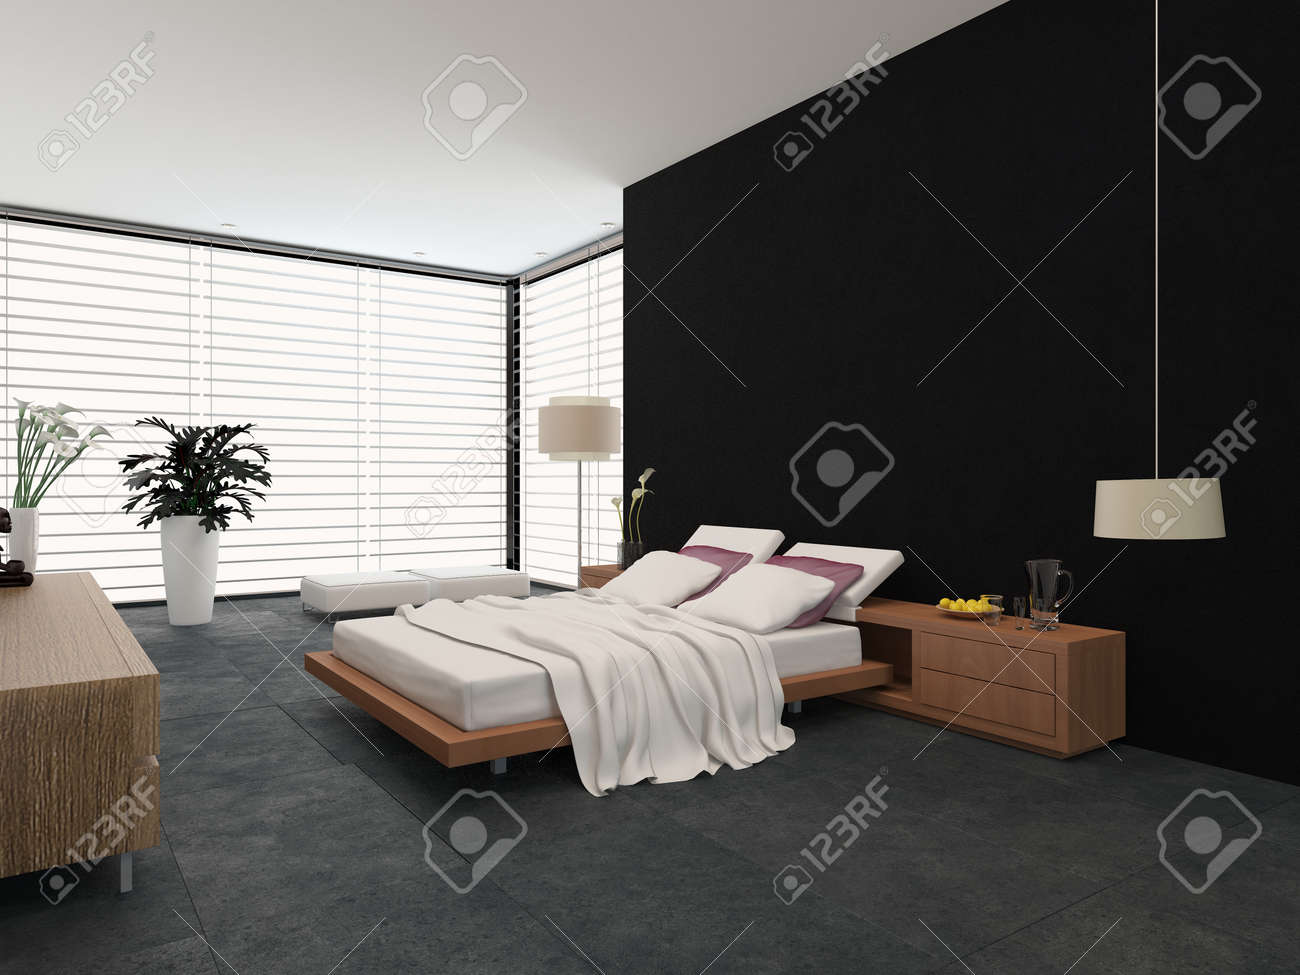 Intérieur chambre moderne avec un décor noir et blanc avec un lit réglable  et lampe standard autonome avec de grandes fenêtres couvertes de stores